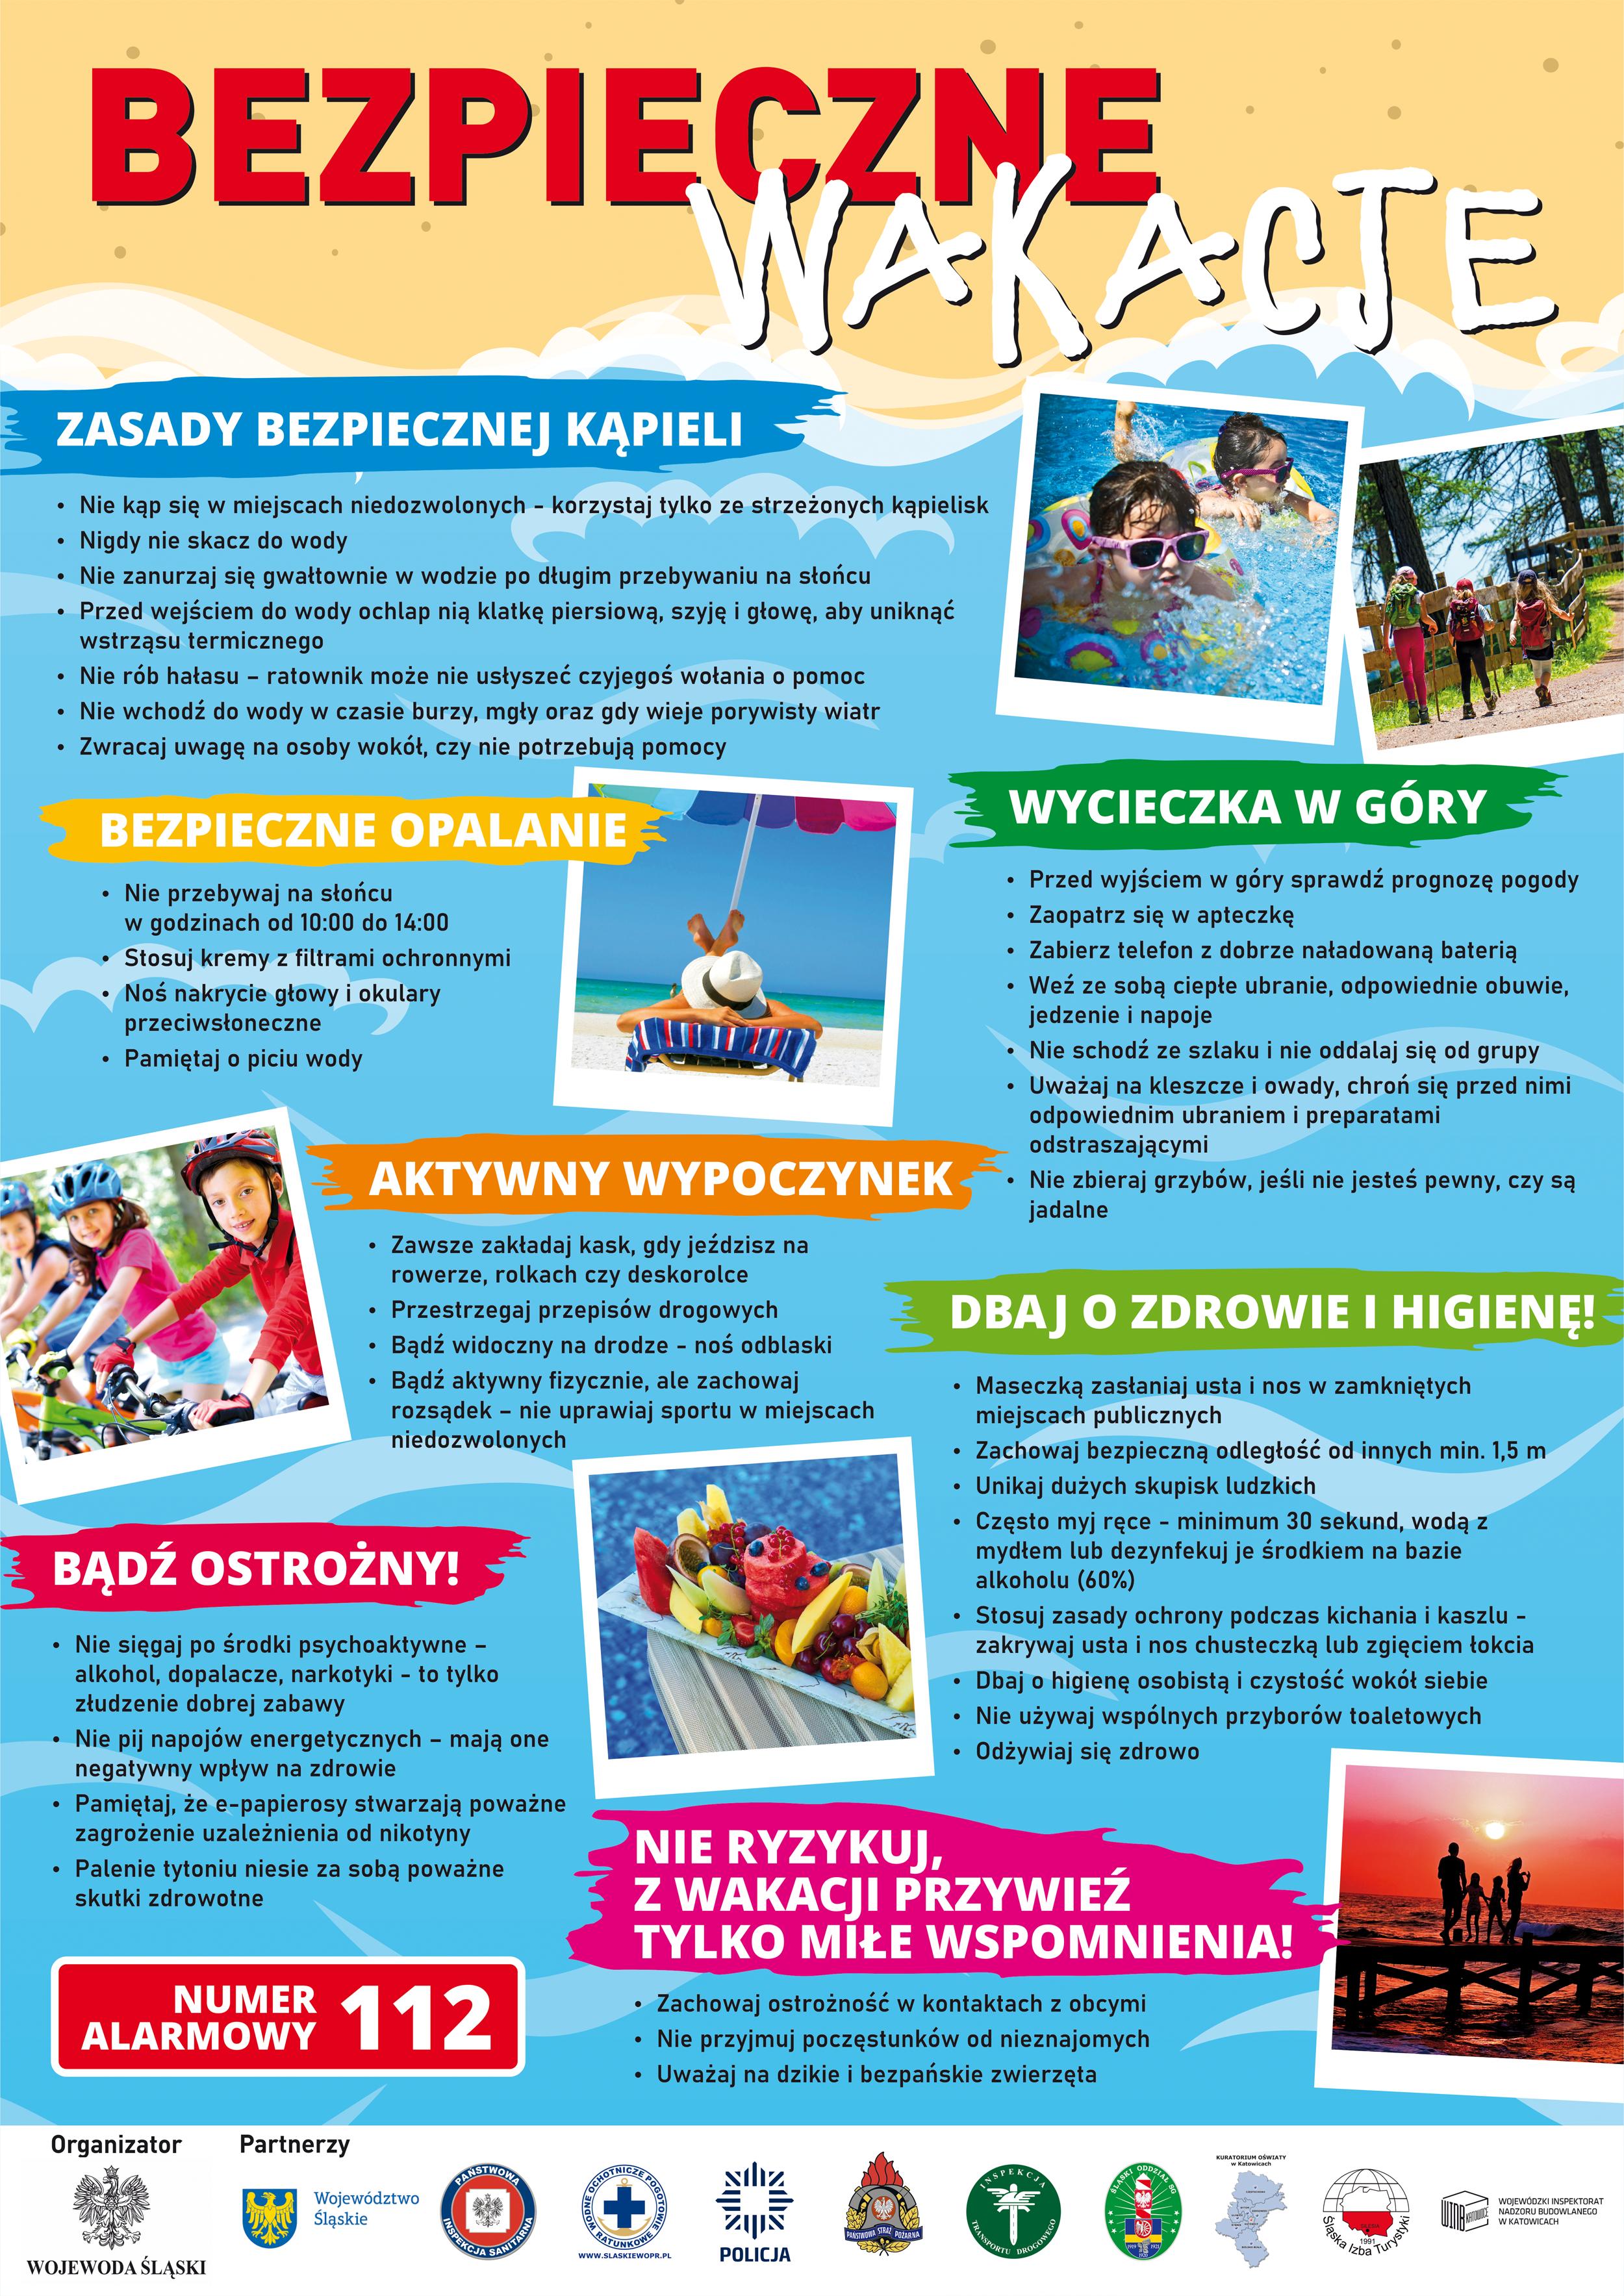 Bezpieczne wakacje 2021